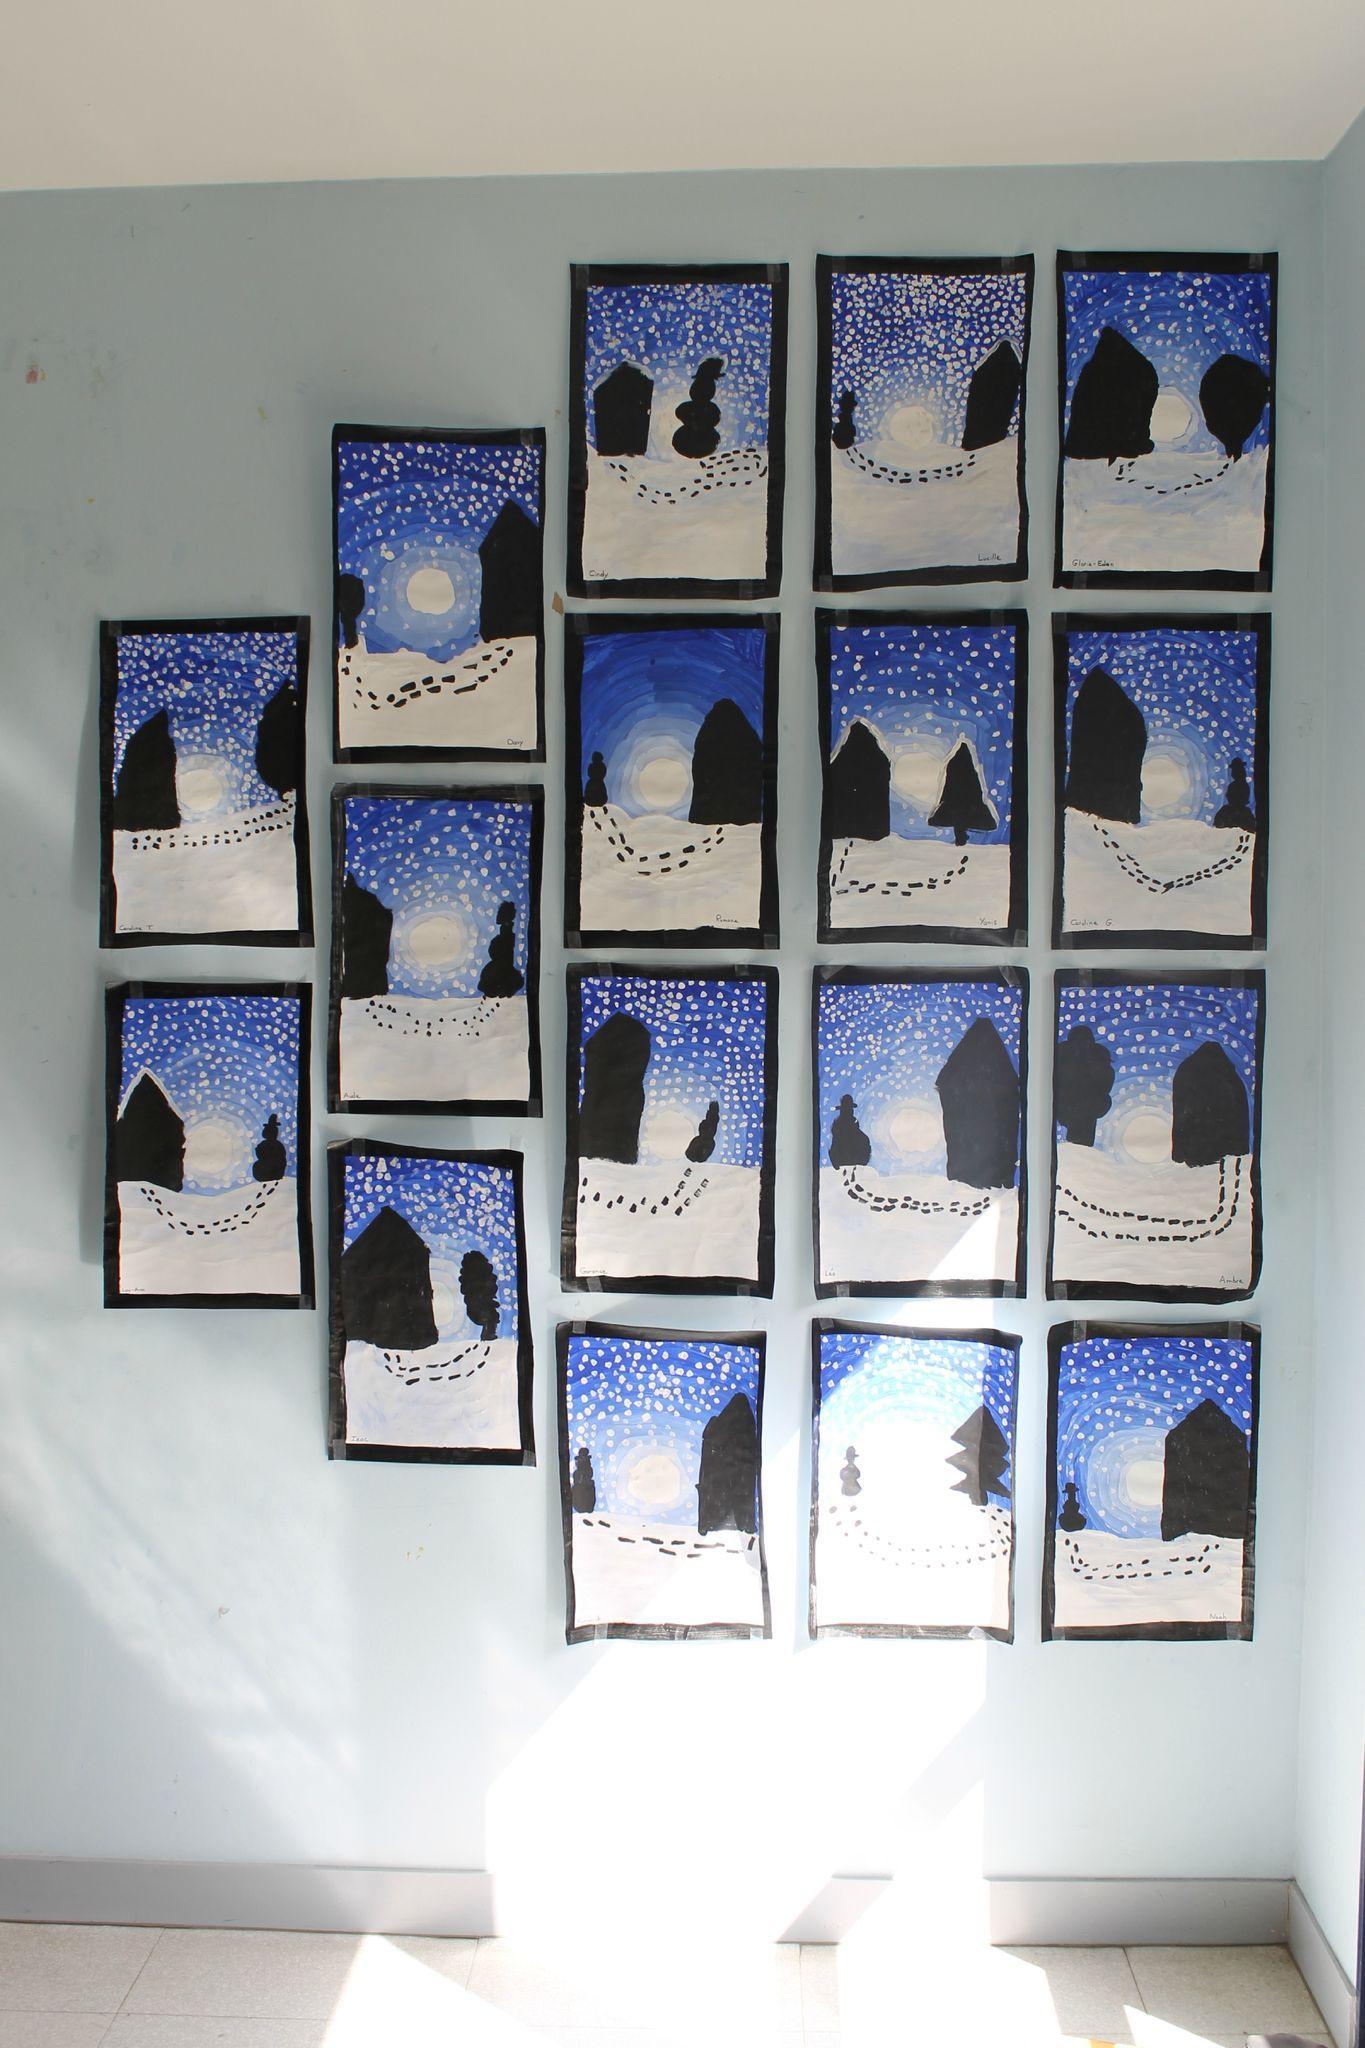 08 arts visuels les paysages d 39 hiver 1 arts visuels for Art plastique peinture